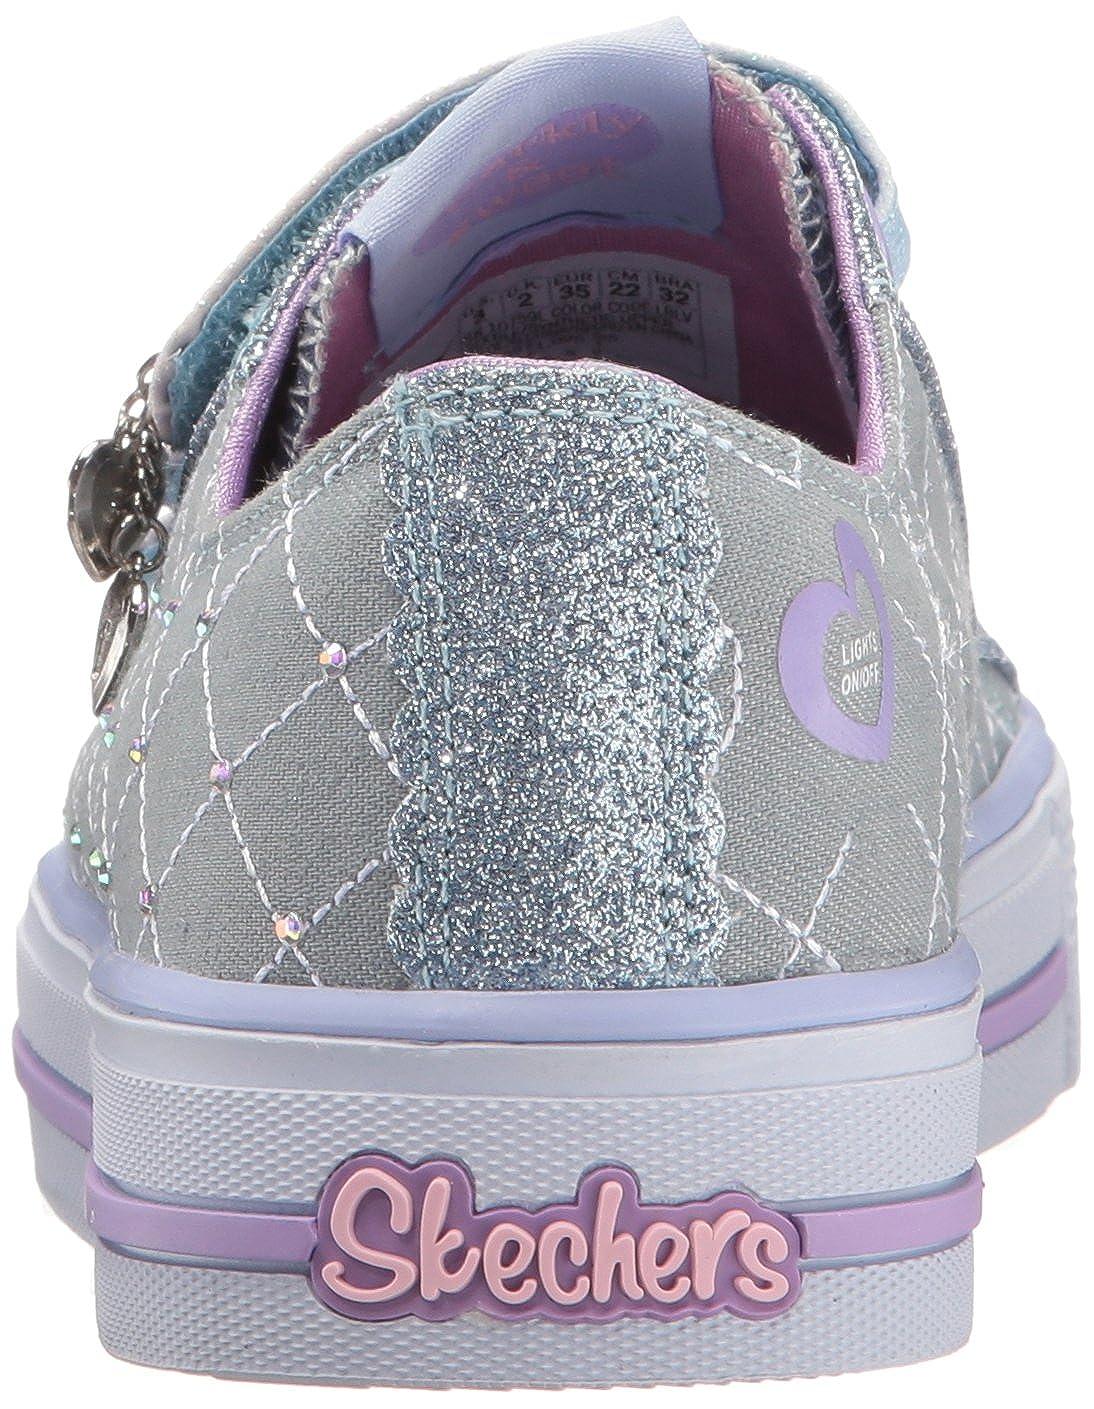 Skechers Kids Kids' Shuffles Dazzle Dash Sneaker